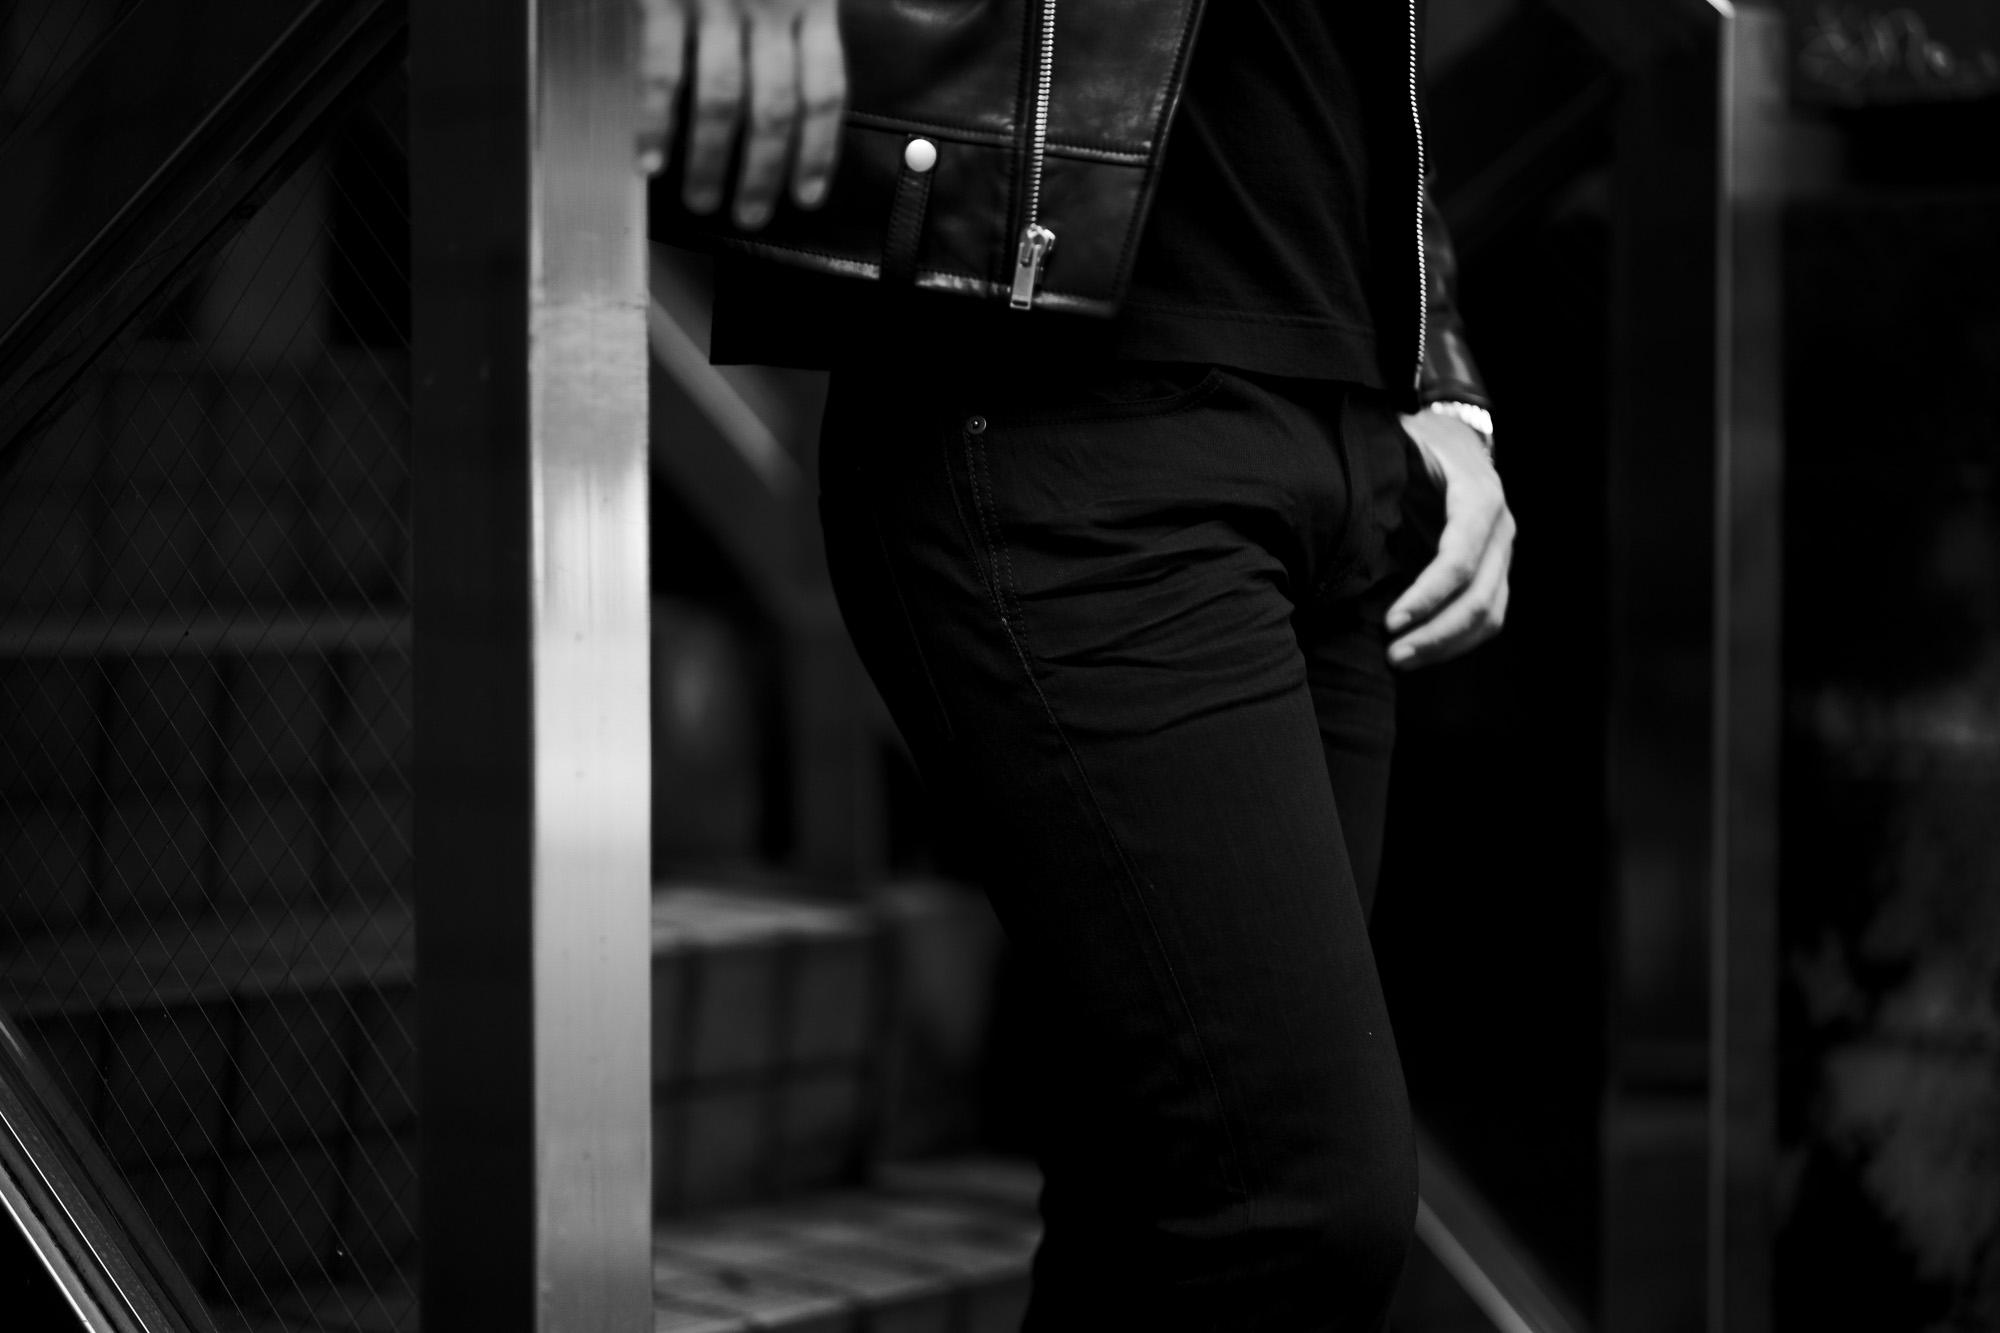 SAINT LAURENT (サンローラン) SKINNY-FIT JEANS IN USED BLACK DENIM (スキニーフィット ジーンズインユーズドブラックデニム) ストレッチ スキニー デニムパンツ BLACK (ブラック) Made in italy (イタリア製) 2021 秋冬 愛知 名古屋 Alto e Diritto altoediritto アルトエデリット サンローランデニム デニムサンローラン